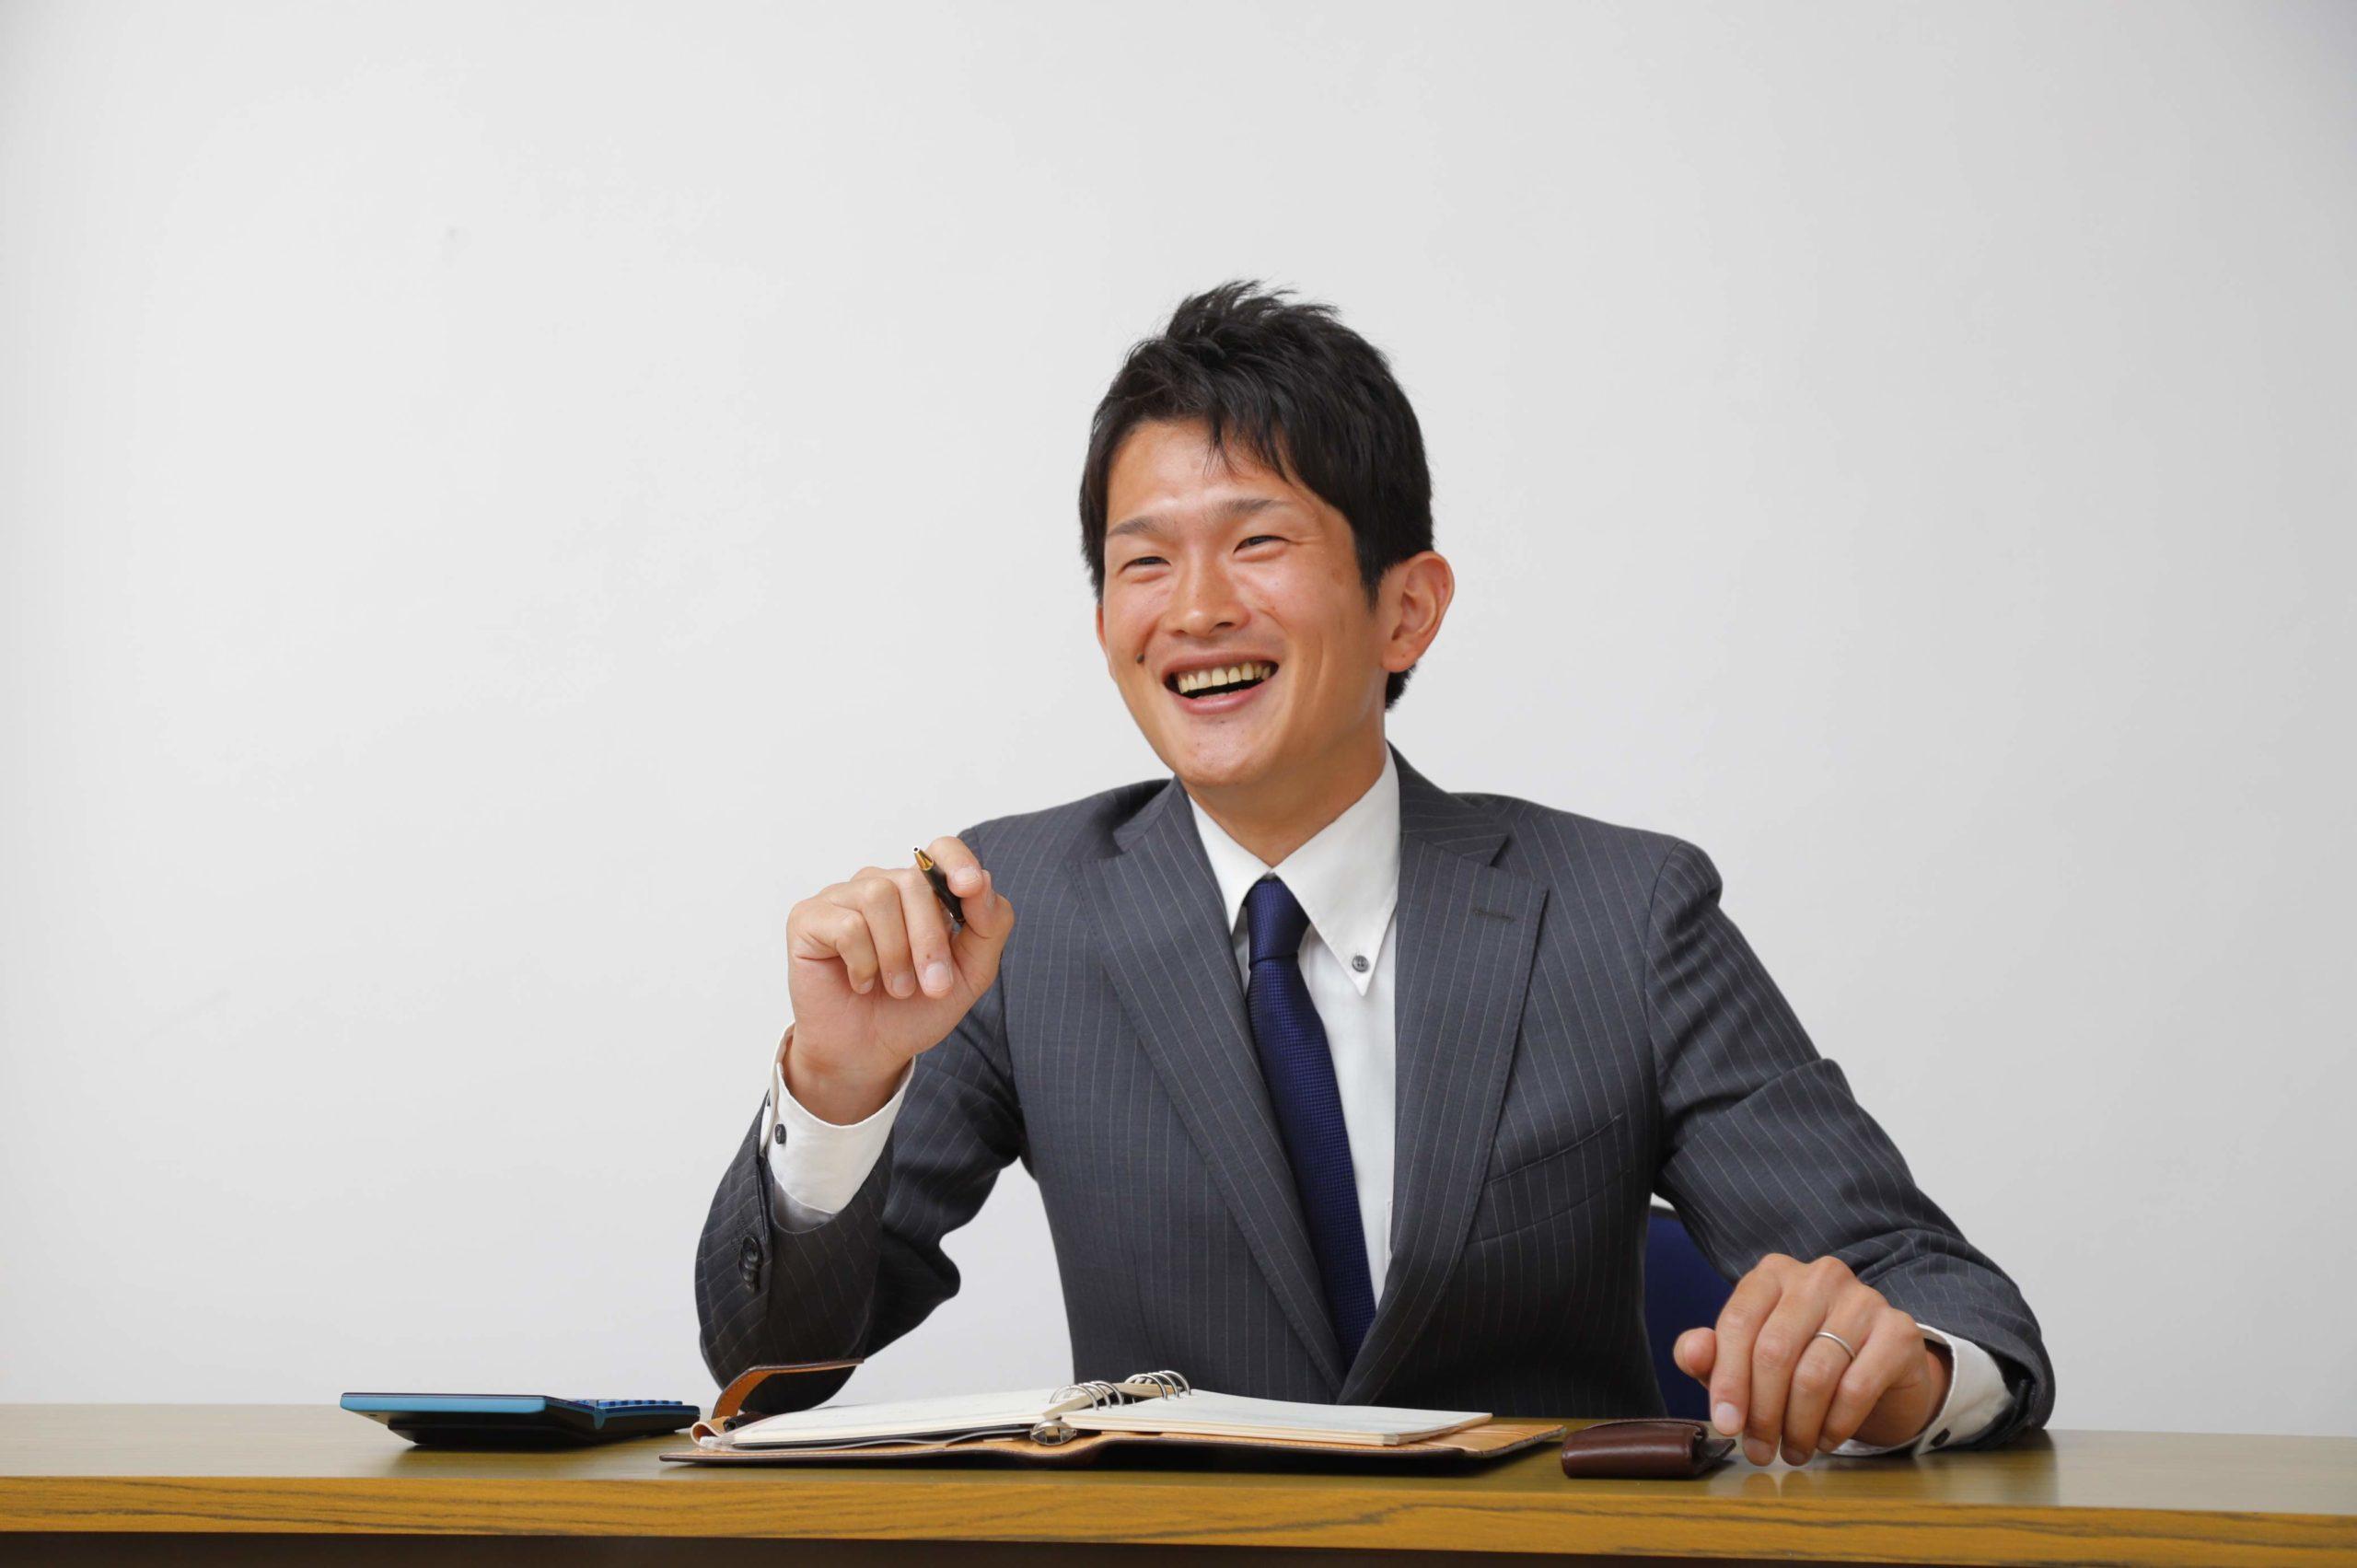 市丸雄二郎の写真